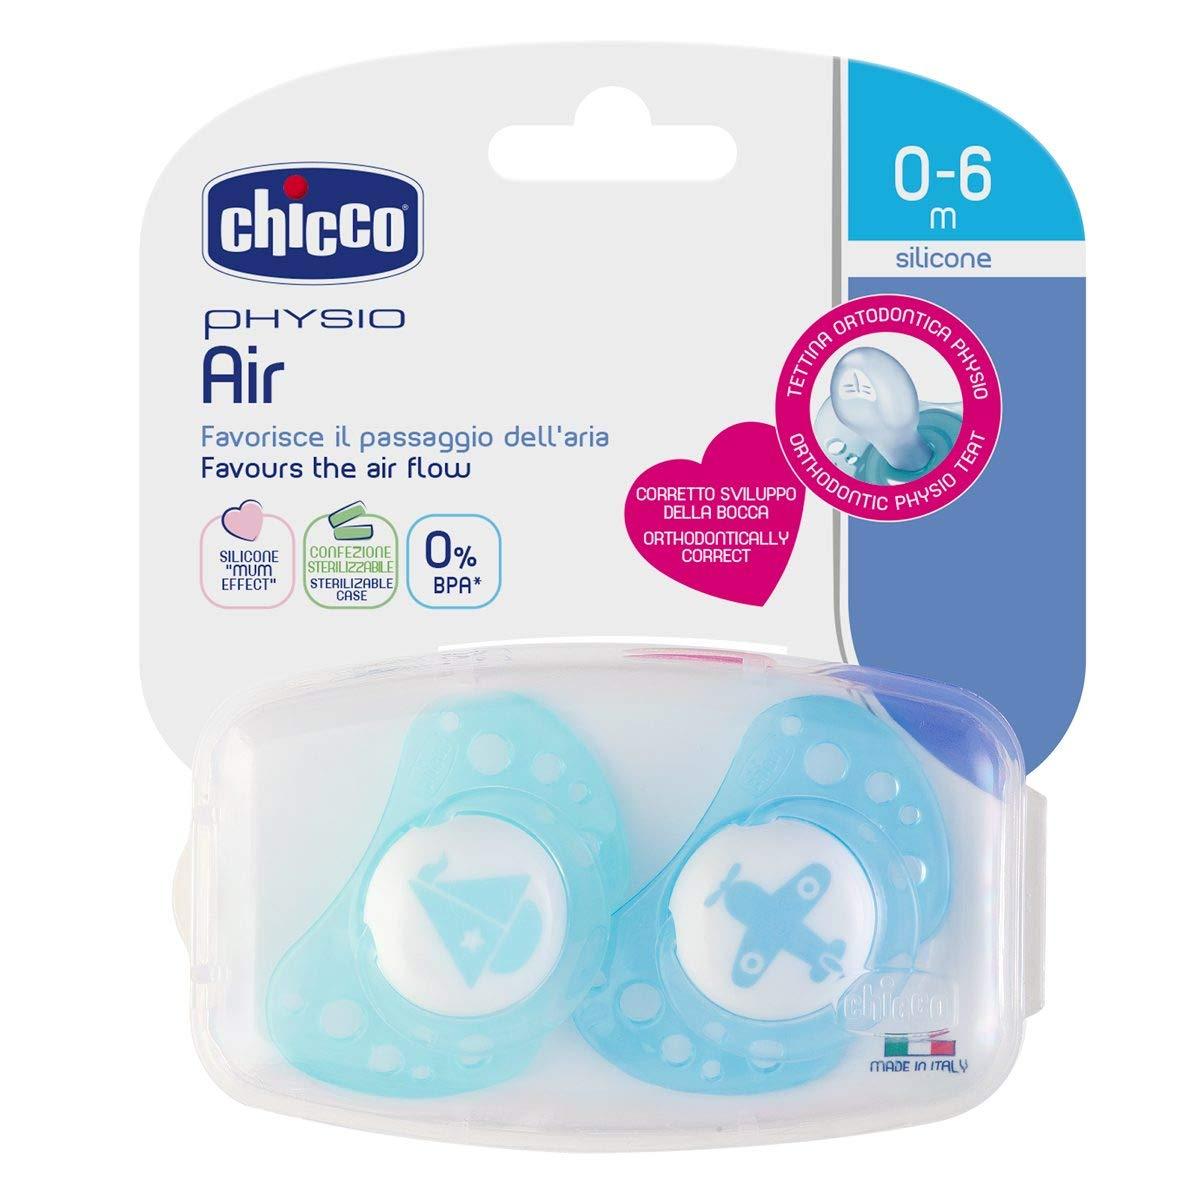 Chicco Physio Air - Pack de 2 chupetes de silicona para 0-6 meses, modelos aleatorios, color azul